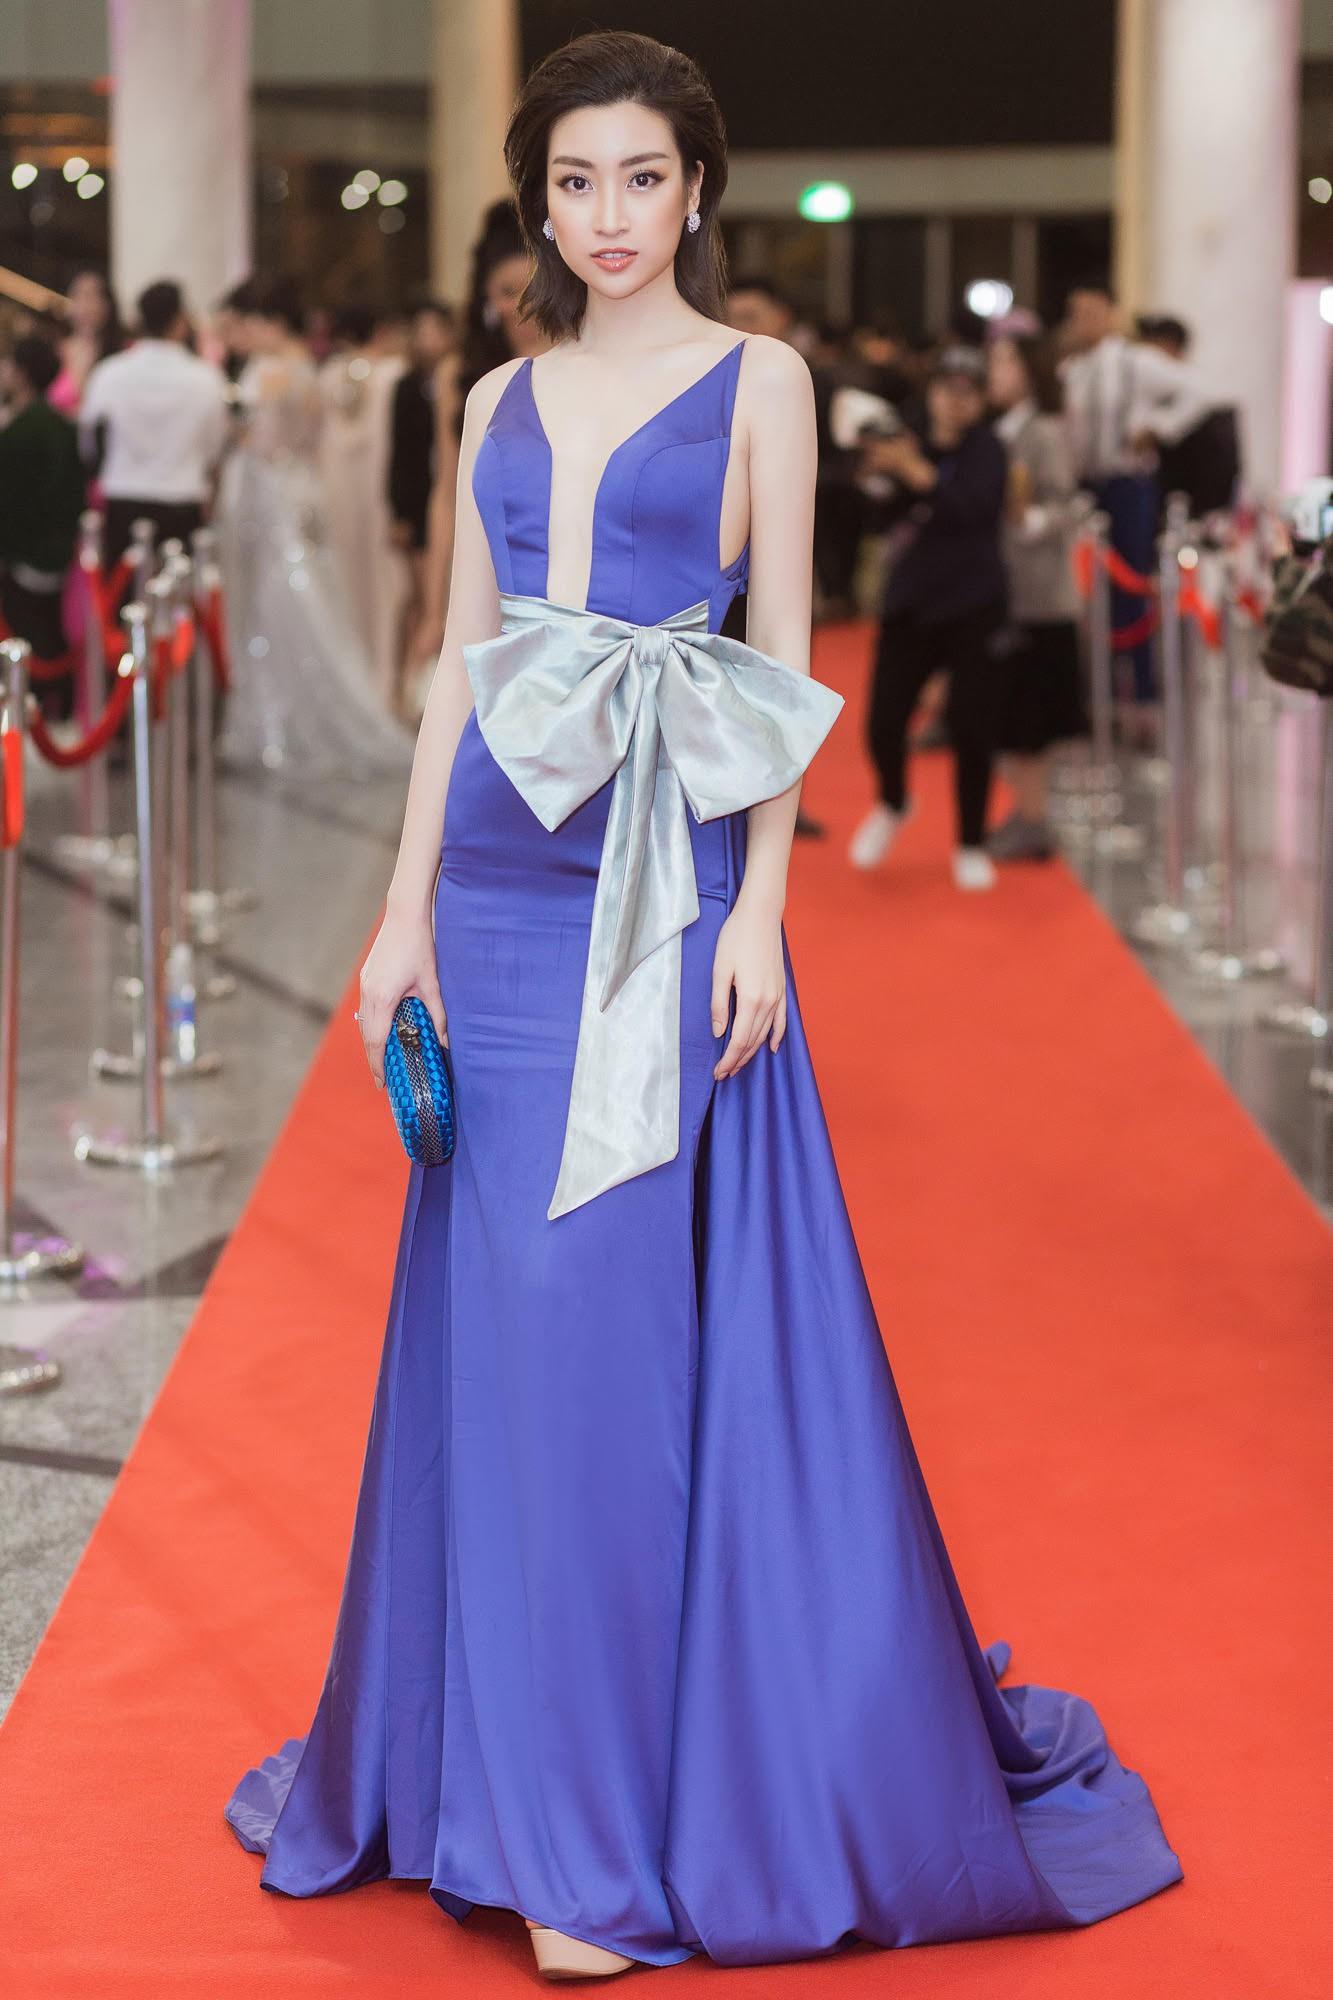 Màn đọ sắc cực gắt của dàn Hoa hậu đình đám nhất Vbiz trên thảm đỏ WeChoice: Sang chảnh và đỉnh cao là đây! - Ảnh 6.